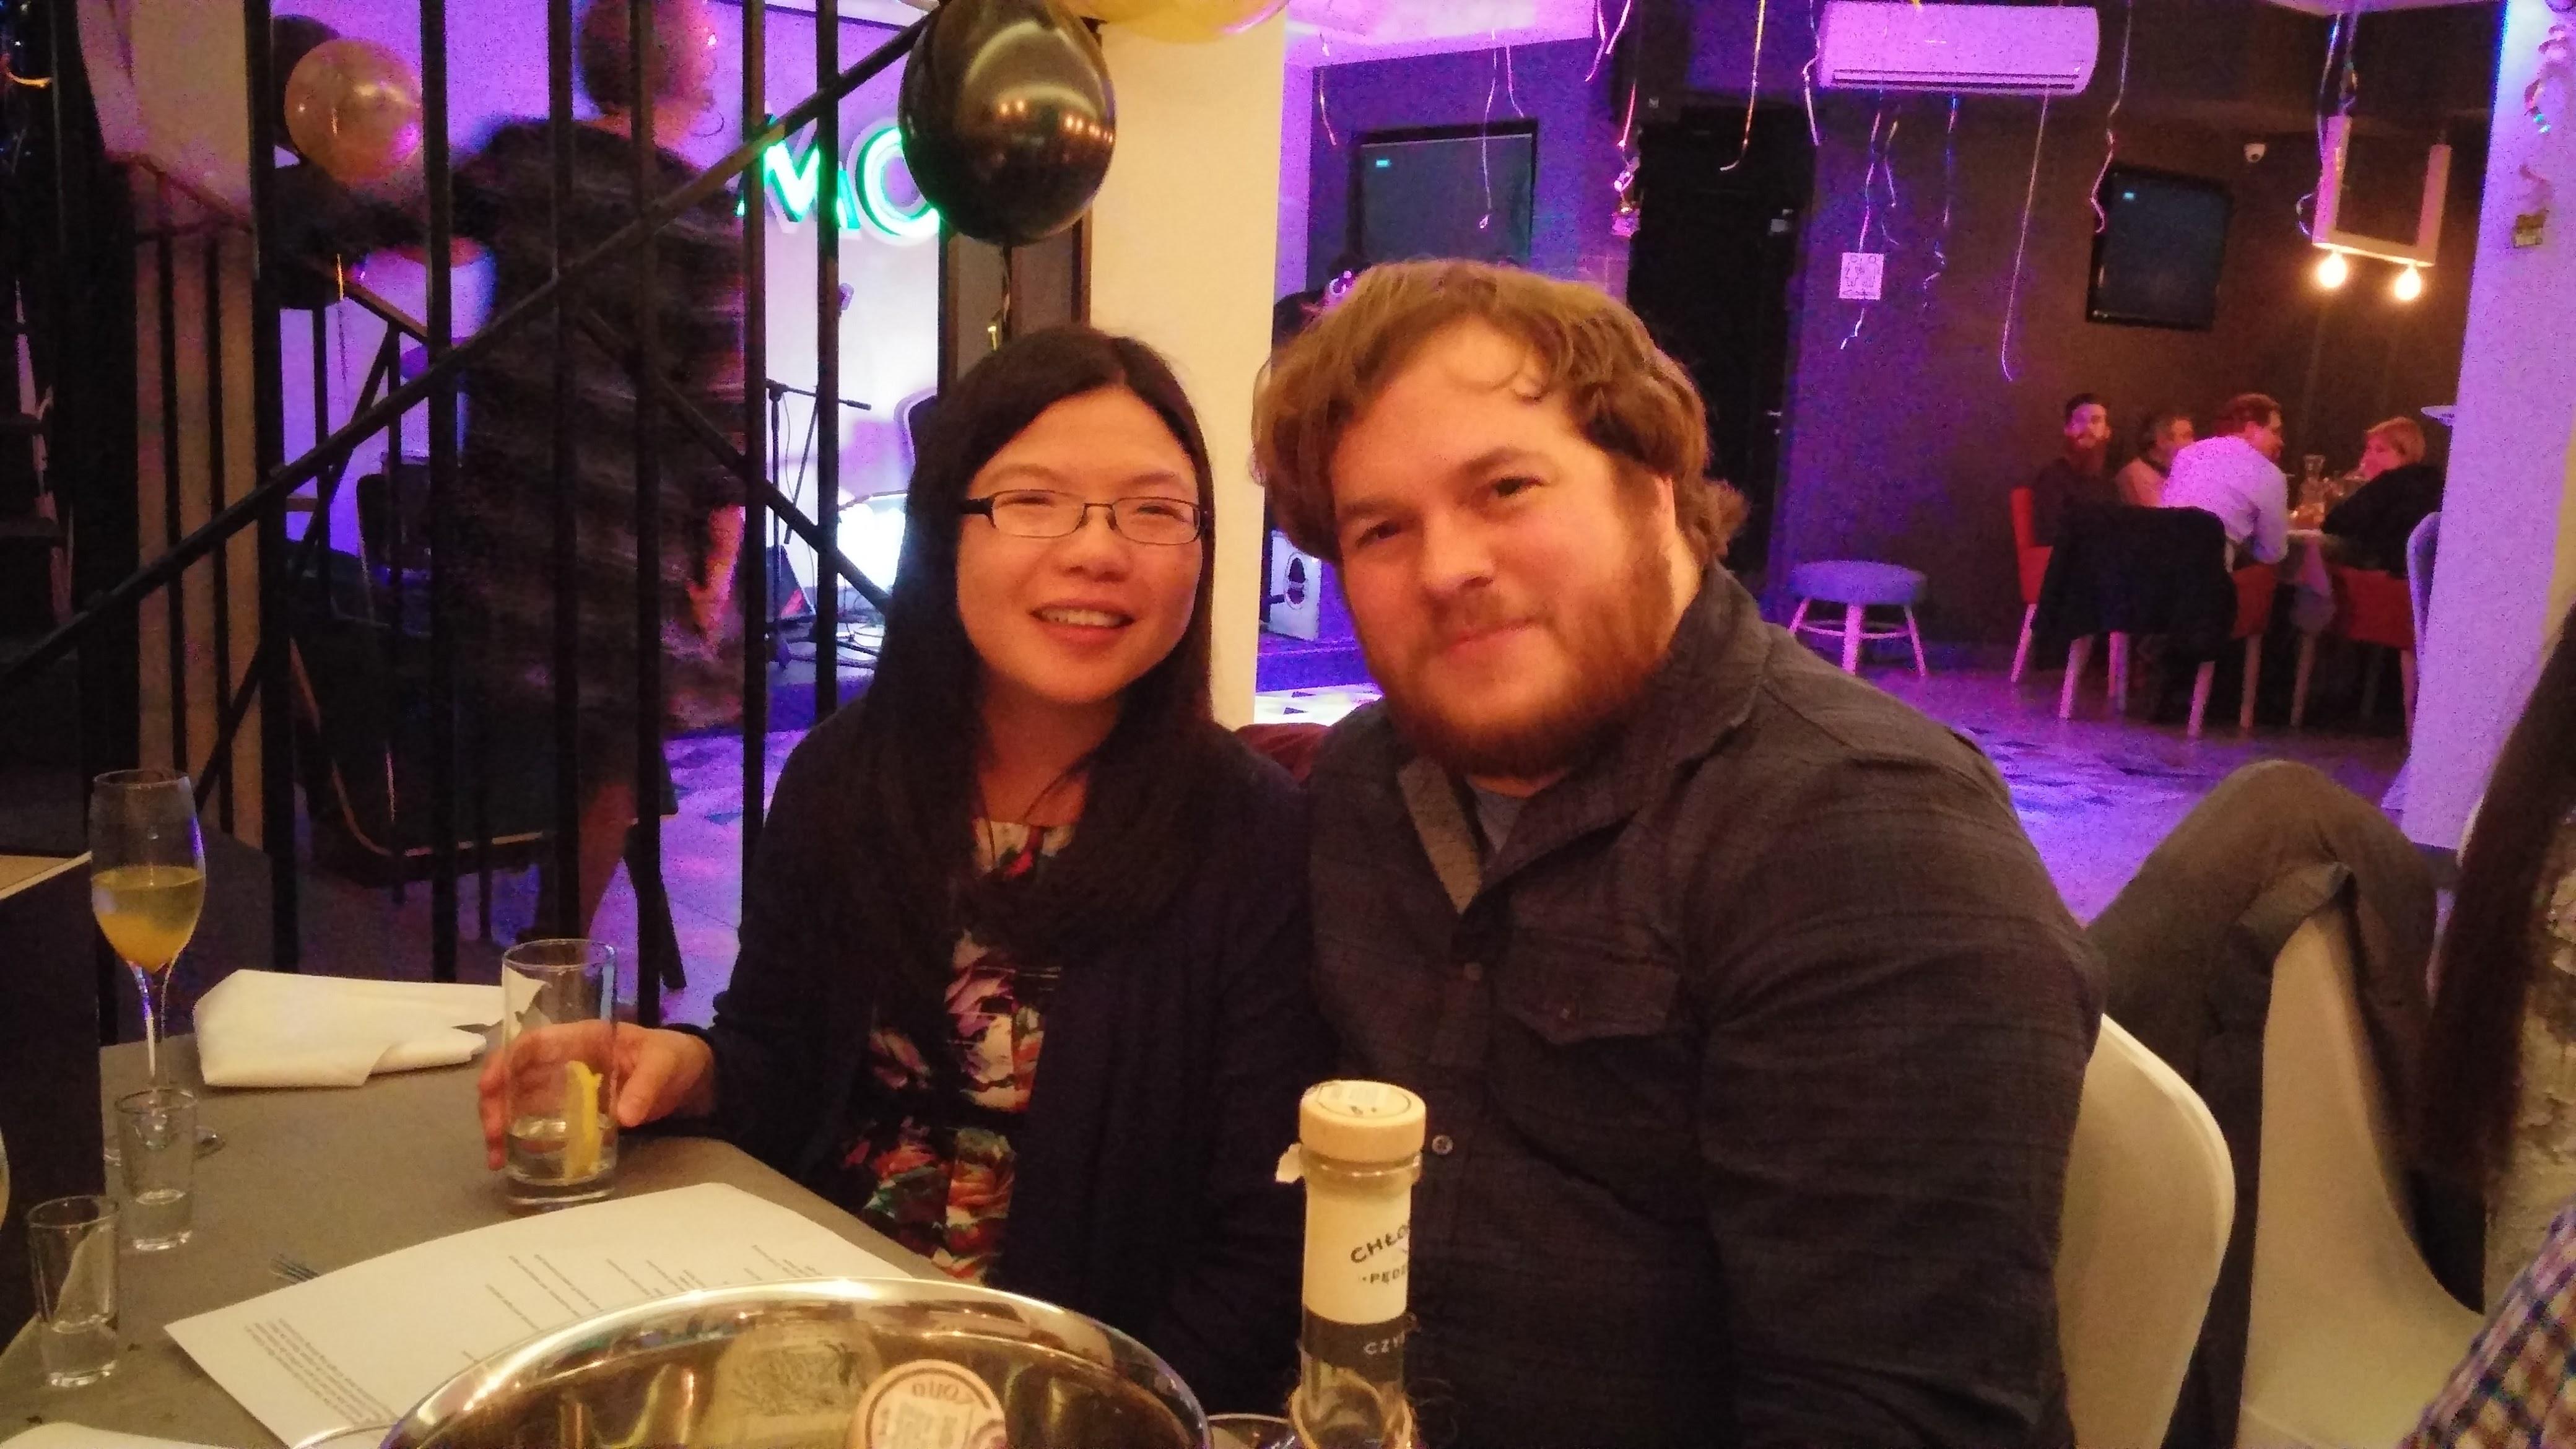 NYE couple